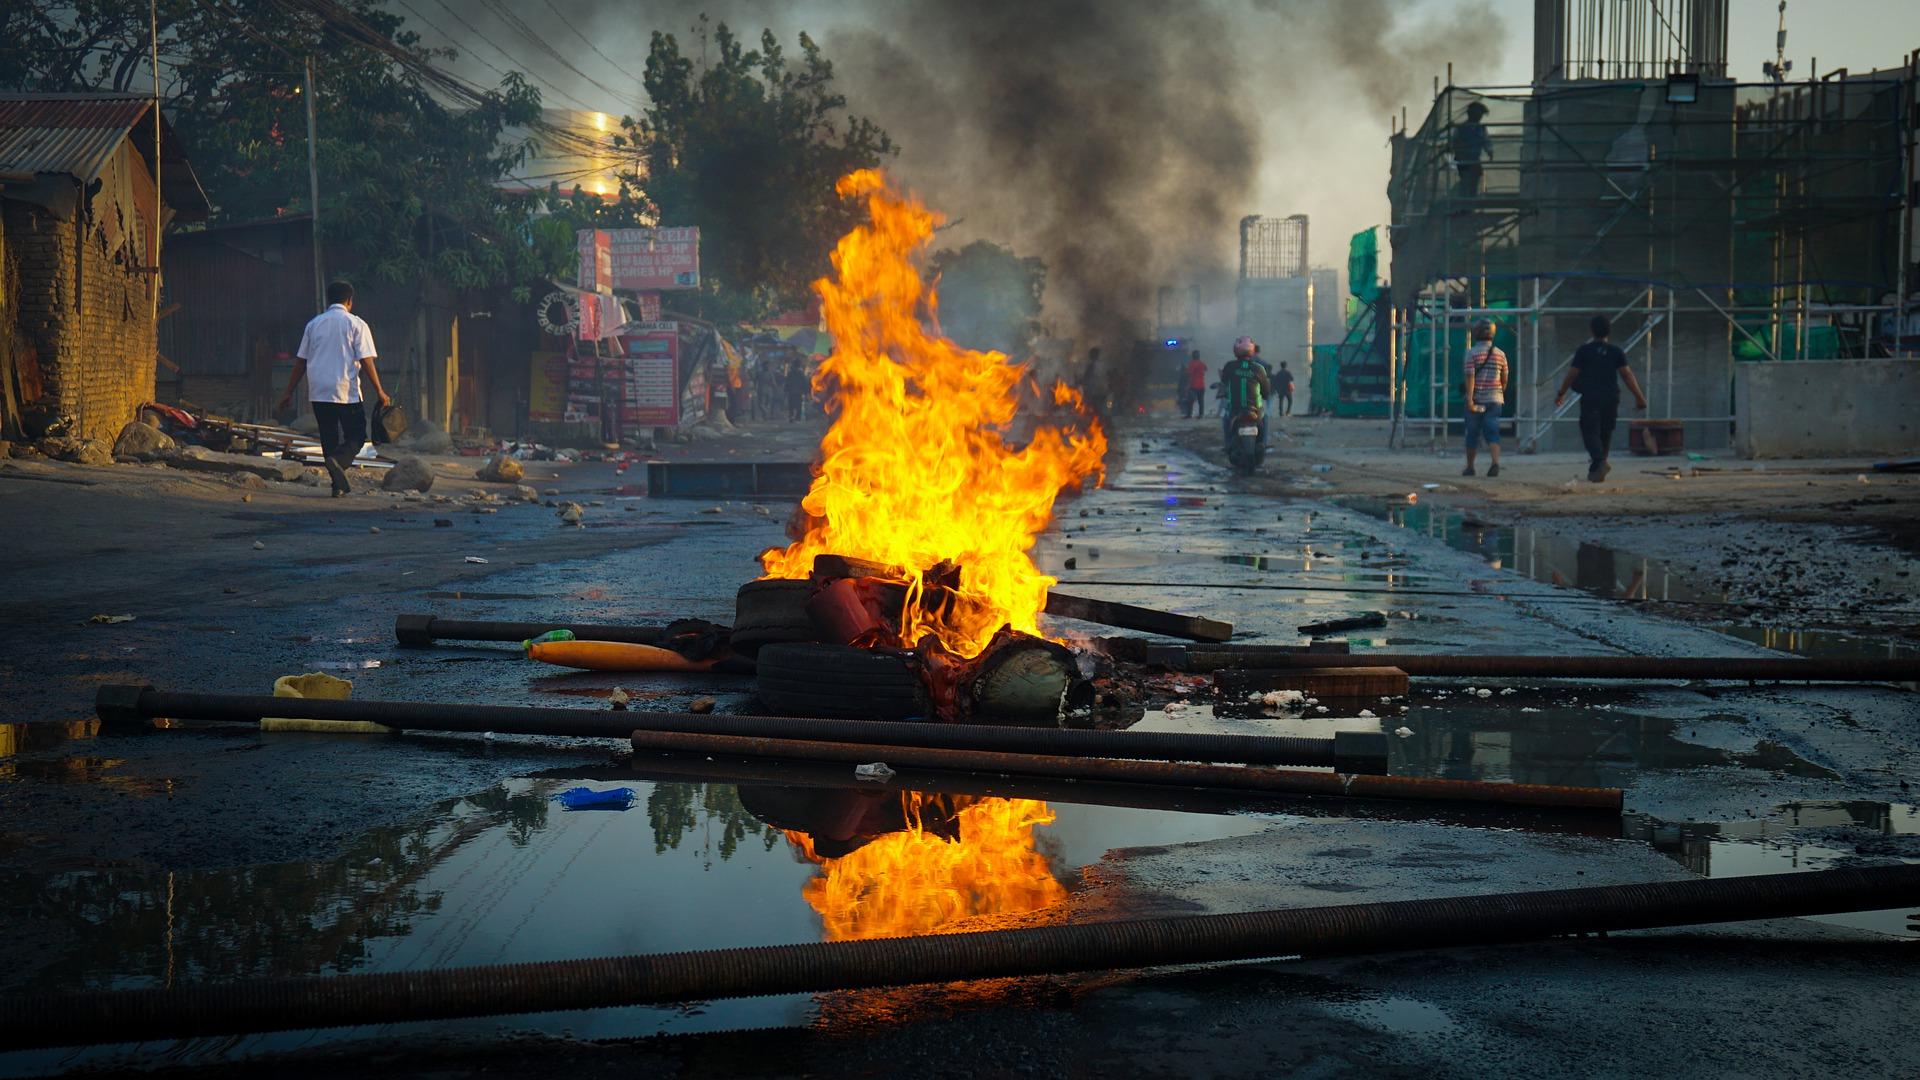 Dez anos depois: o travo agridoce das Primaveras Árabes